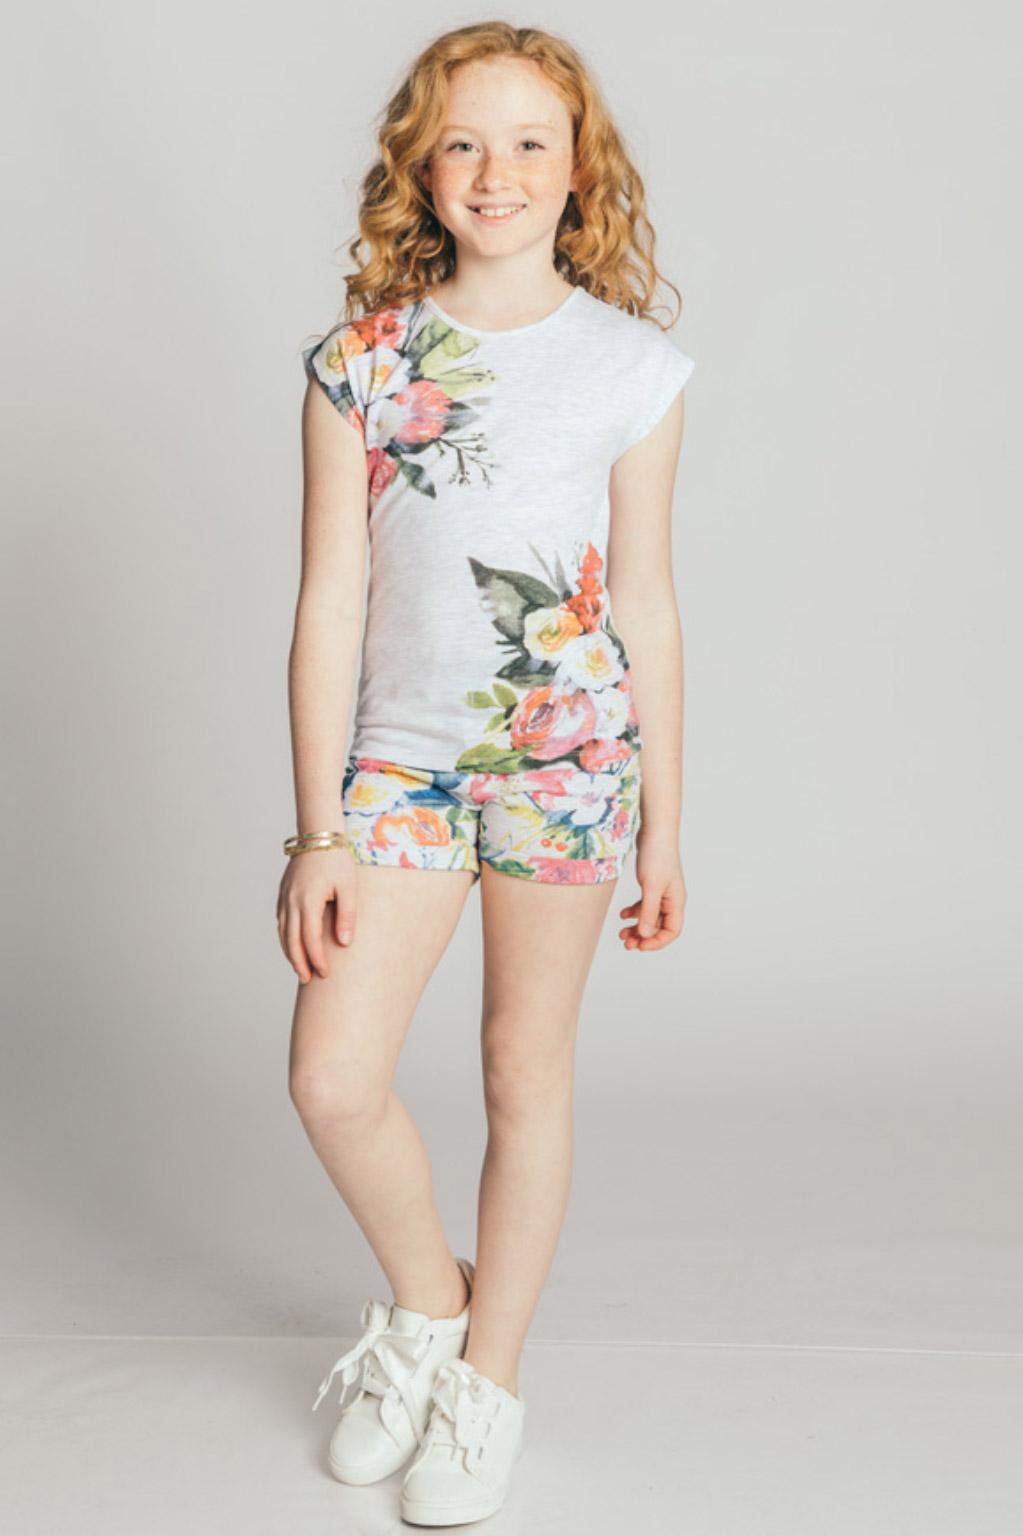 חולצת טריקו קצרה Kiwi לילדות - אפור מלאנג' בהיר